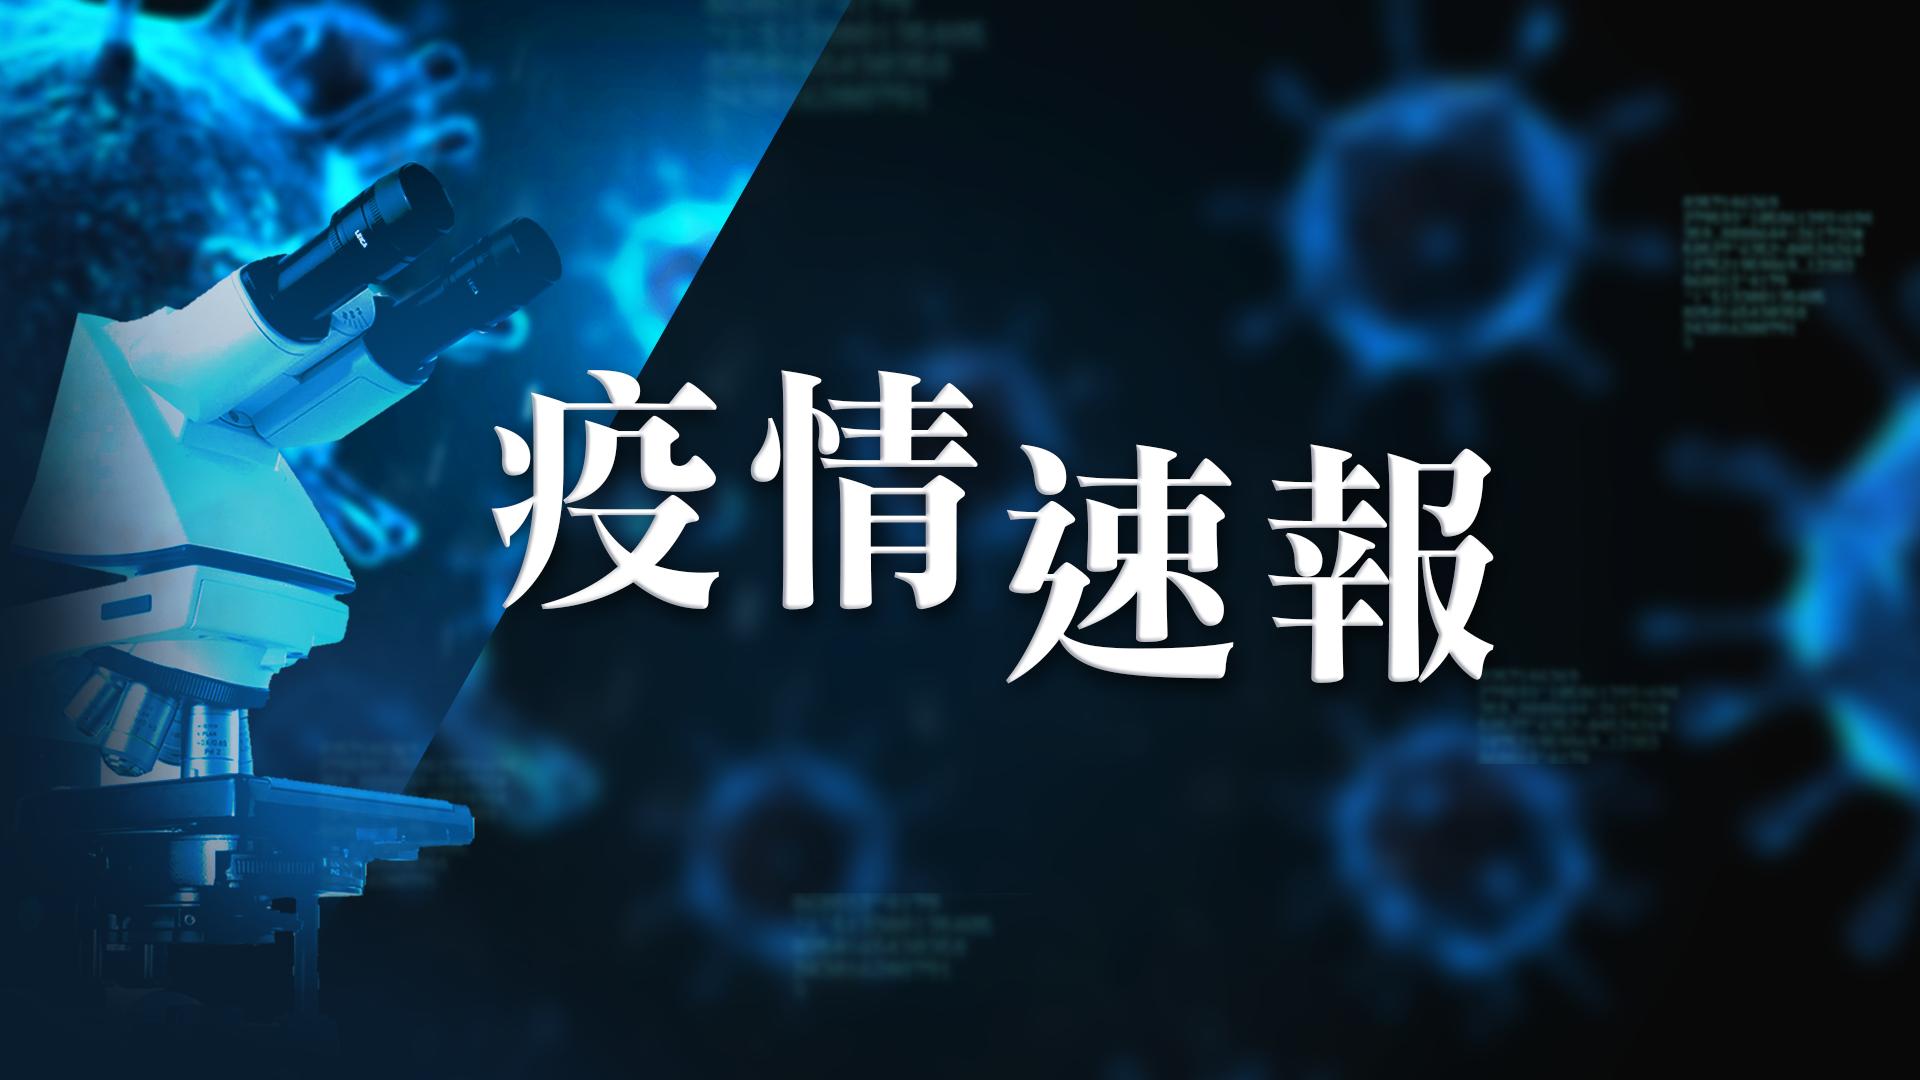 【2月27日疫情速報】 (23:00)